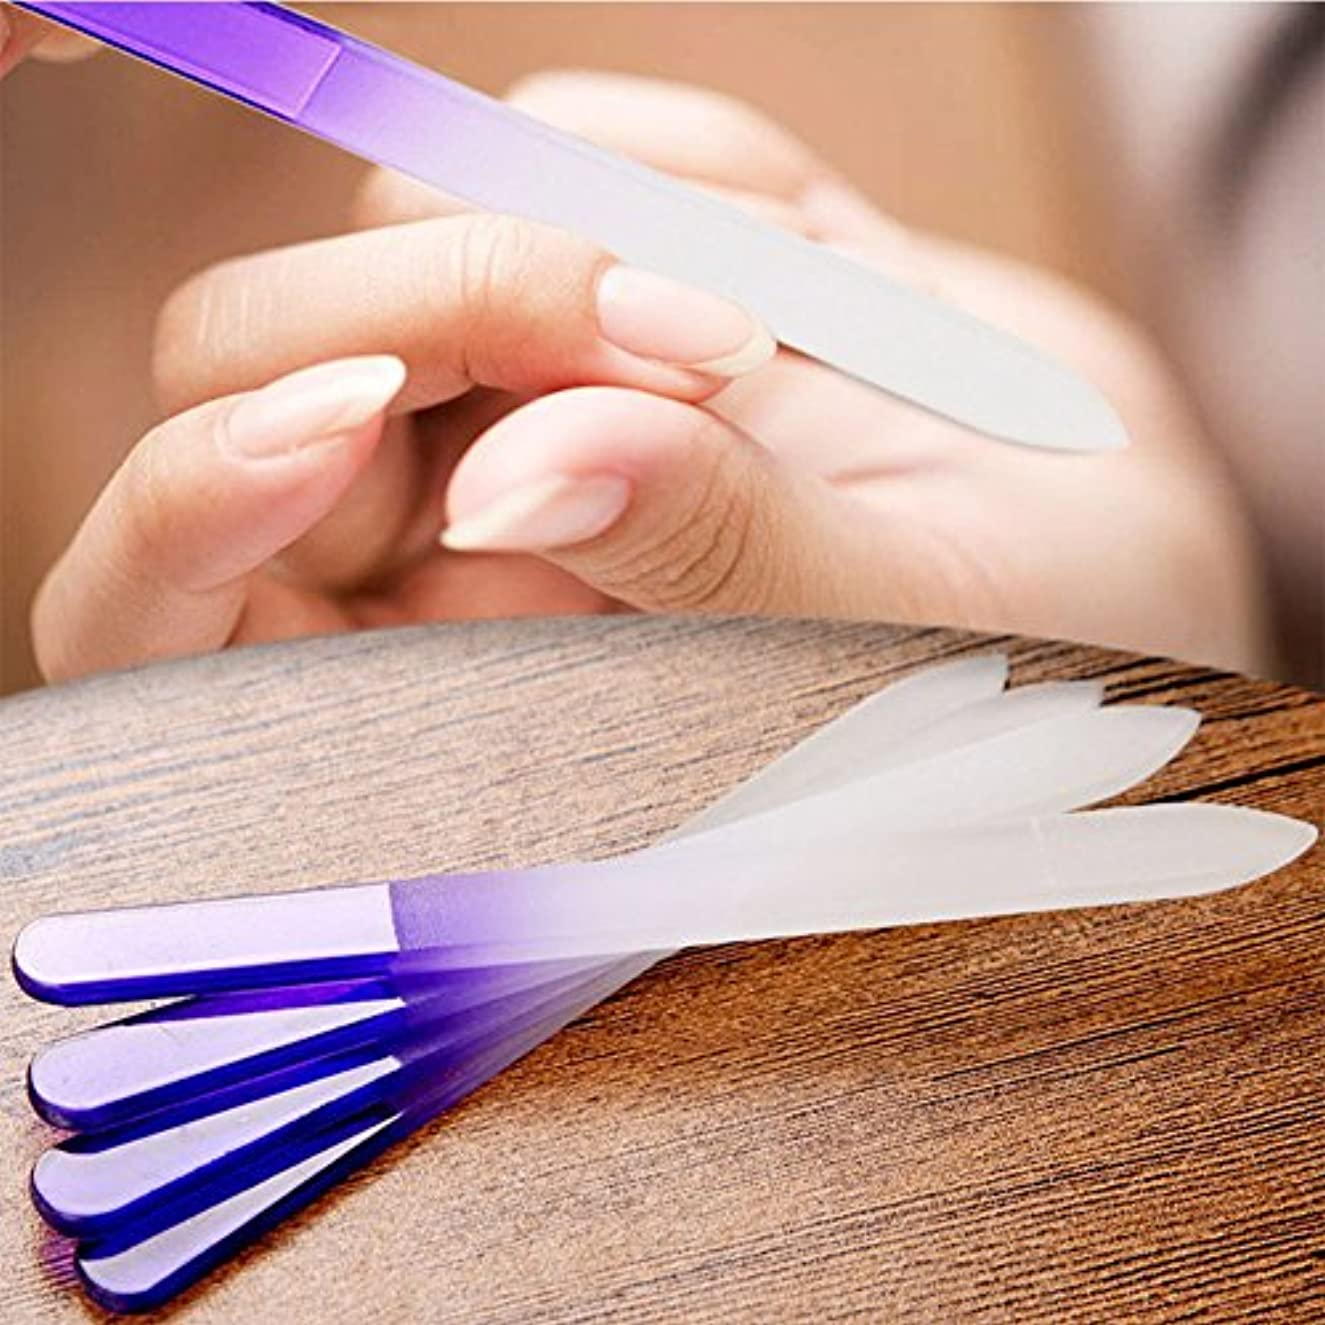 に慣れ勤勉な粘性のLiebeye マニキュア ネイル ファイル クリスタル ガラス ファイルバッファー 装置研磨 ネイル アート 装飾 ツール 4本